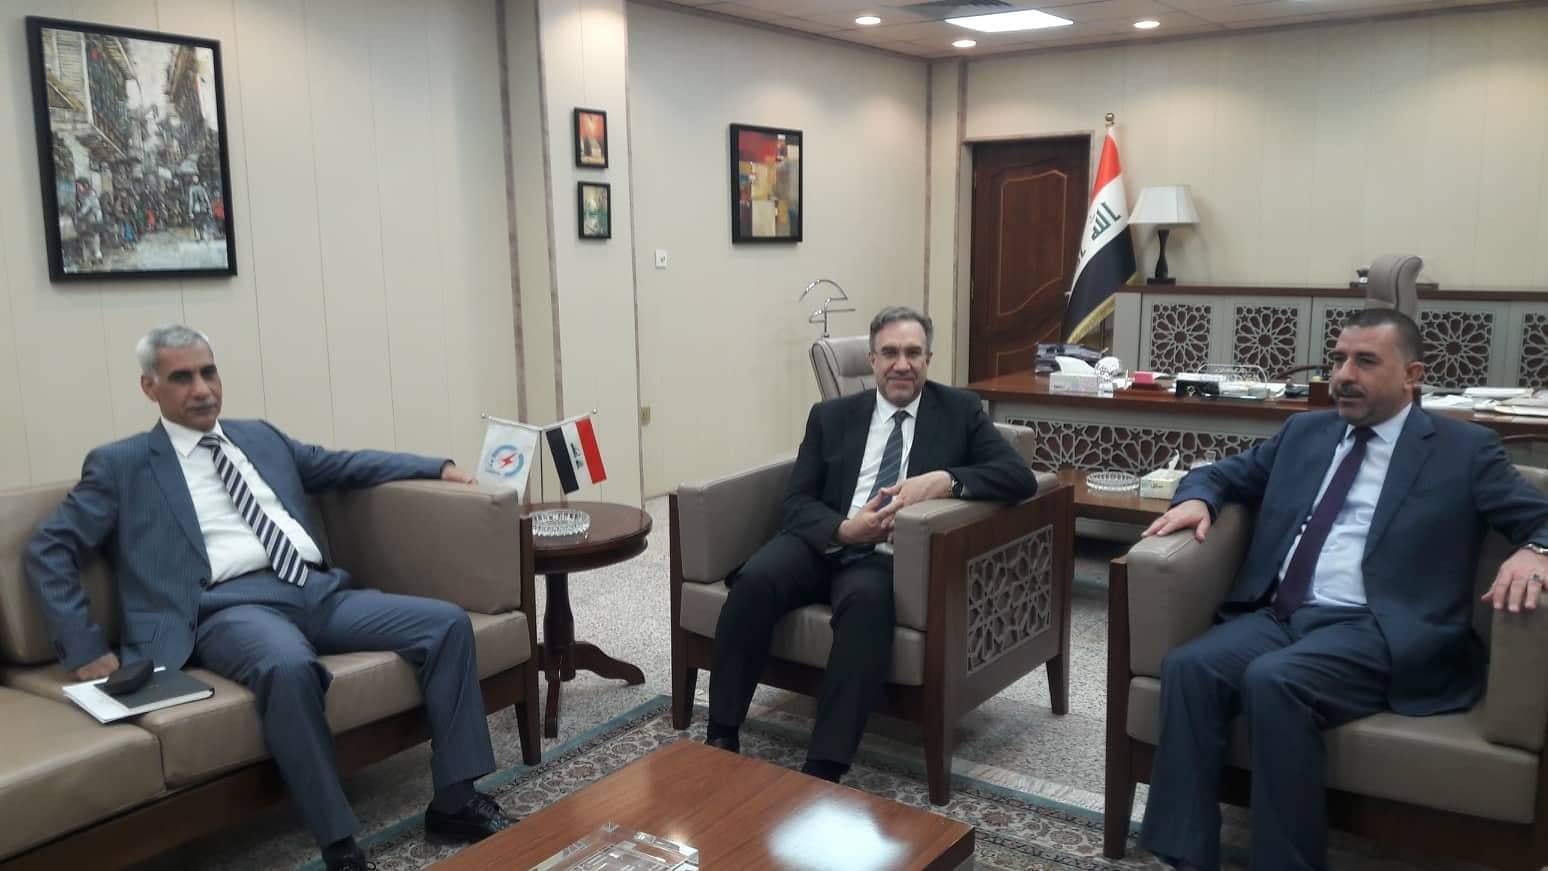 رئيس مجلس المحافظة يلتقي وزير الكهرباء في مقر إقامته بالعاصمة بغداد